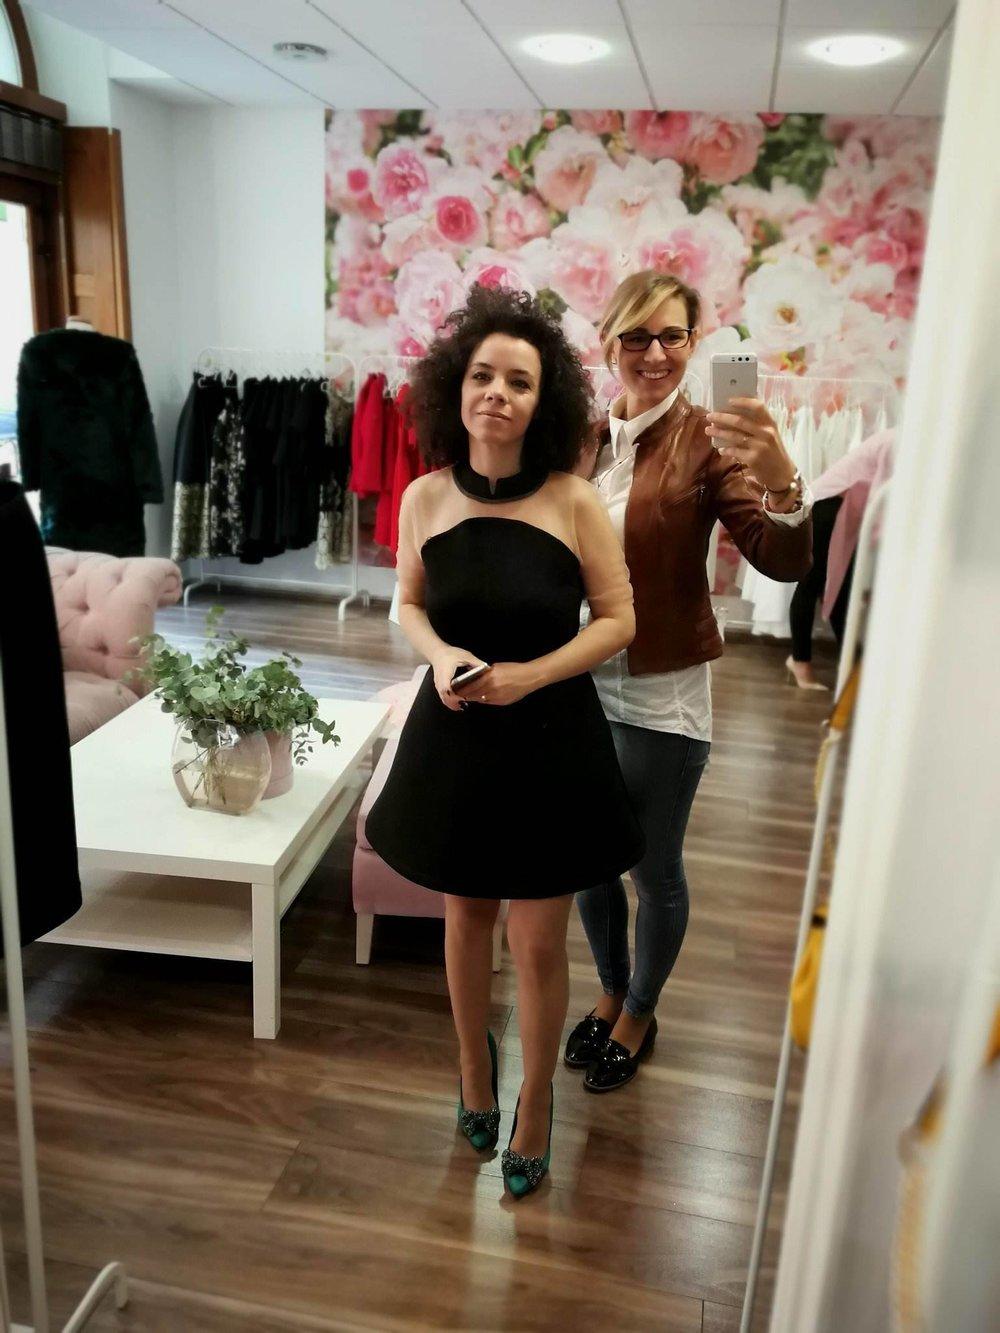 Készülődés a bemutatóra Nagy Zsófia protokoll stylisttal és Kovács Erikával, a KE fashion alapítójával